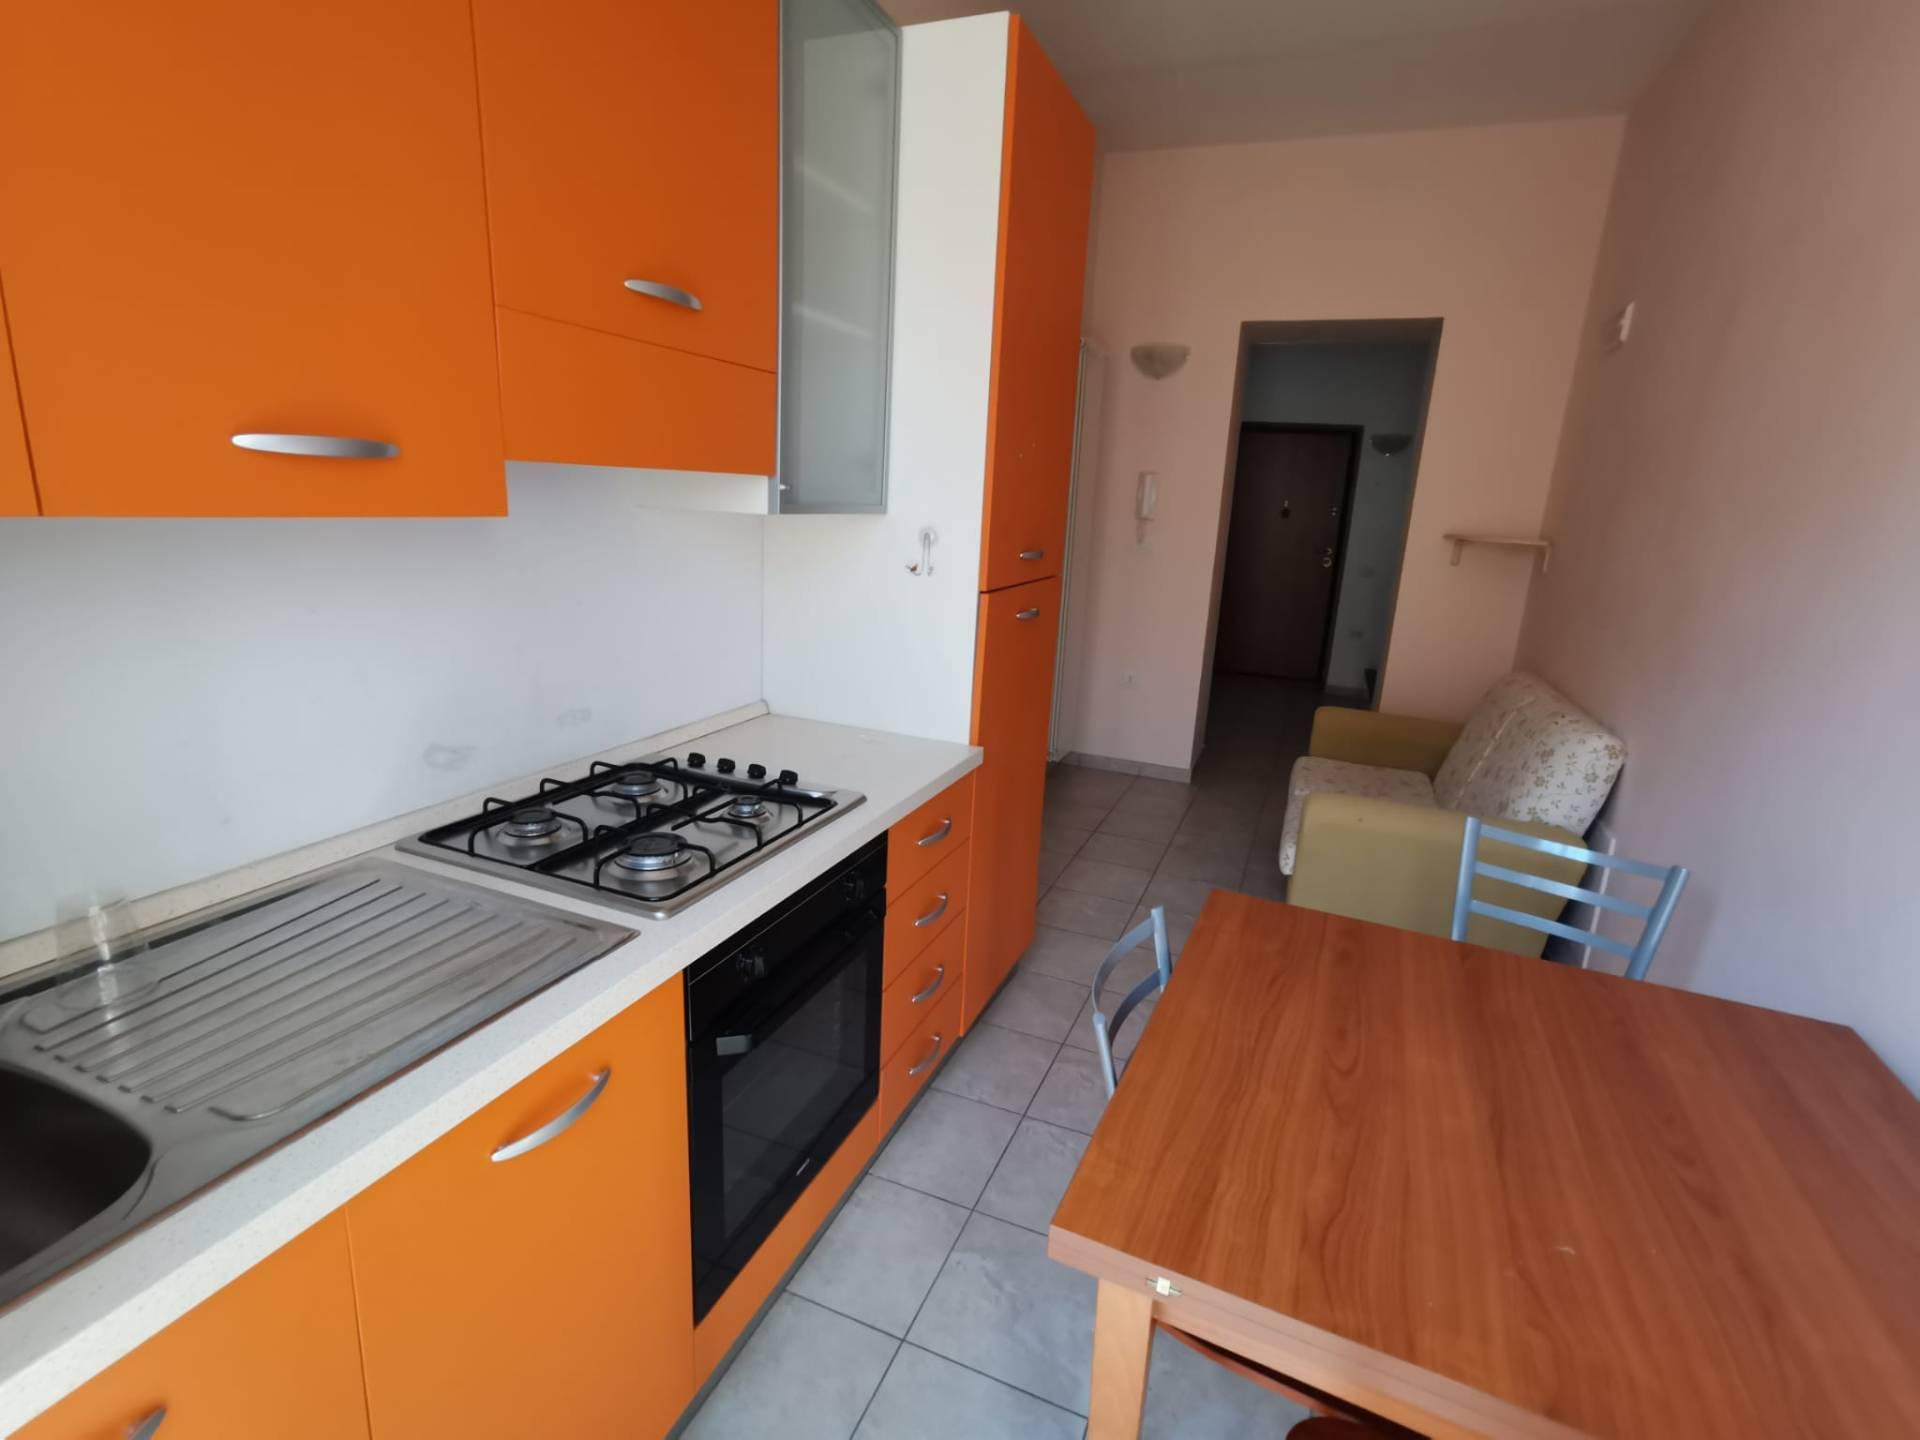 Appartamento in affitto a Benevento, 2 locali, zona Località: CENTROSTORICO, prezzo € 370 | CambioCasa.it